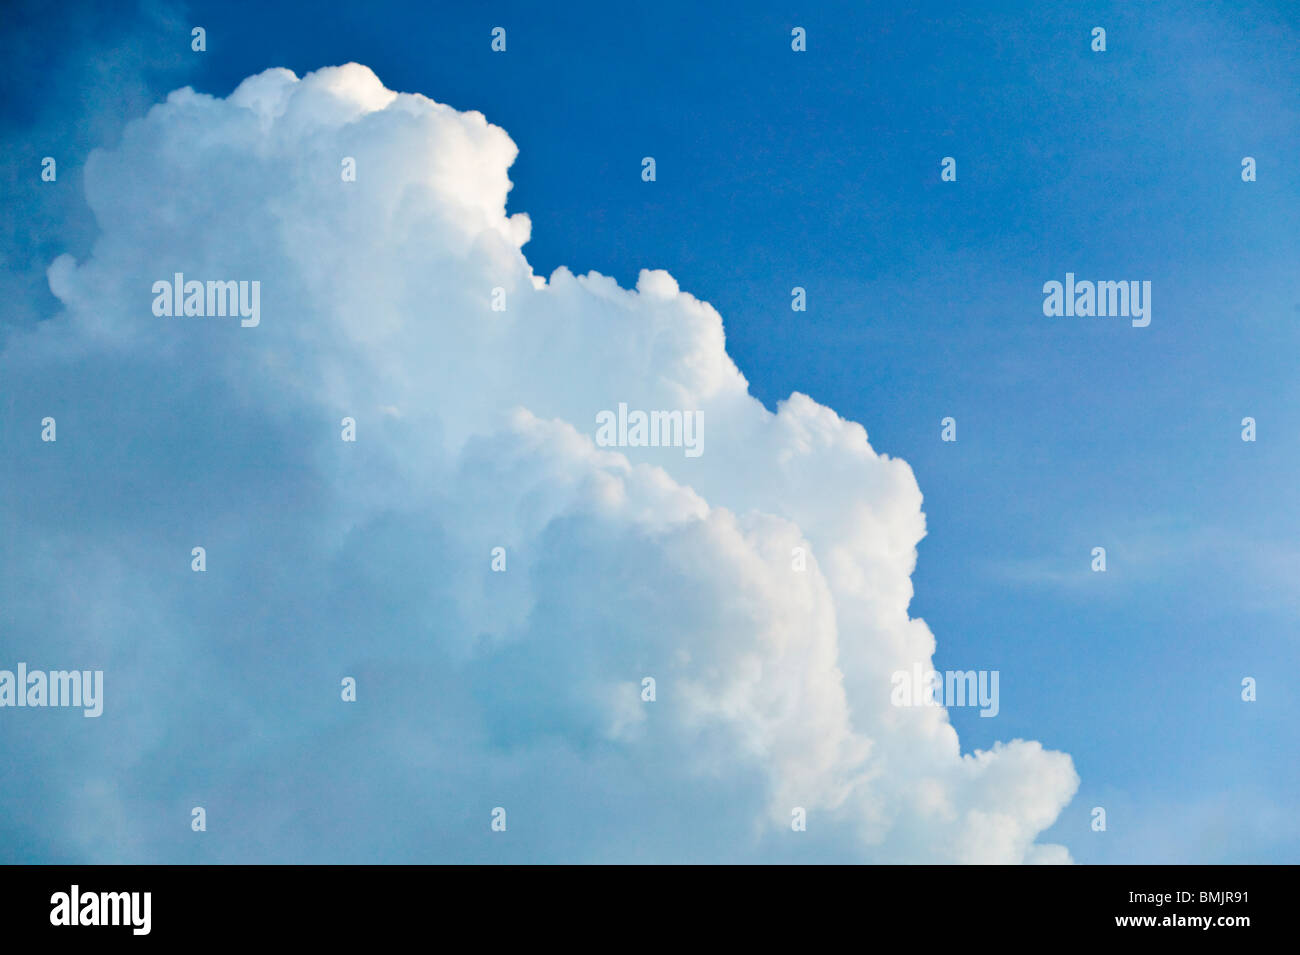 Weiße Wolken und blauer Himmel Stockbild